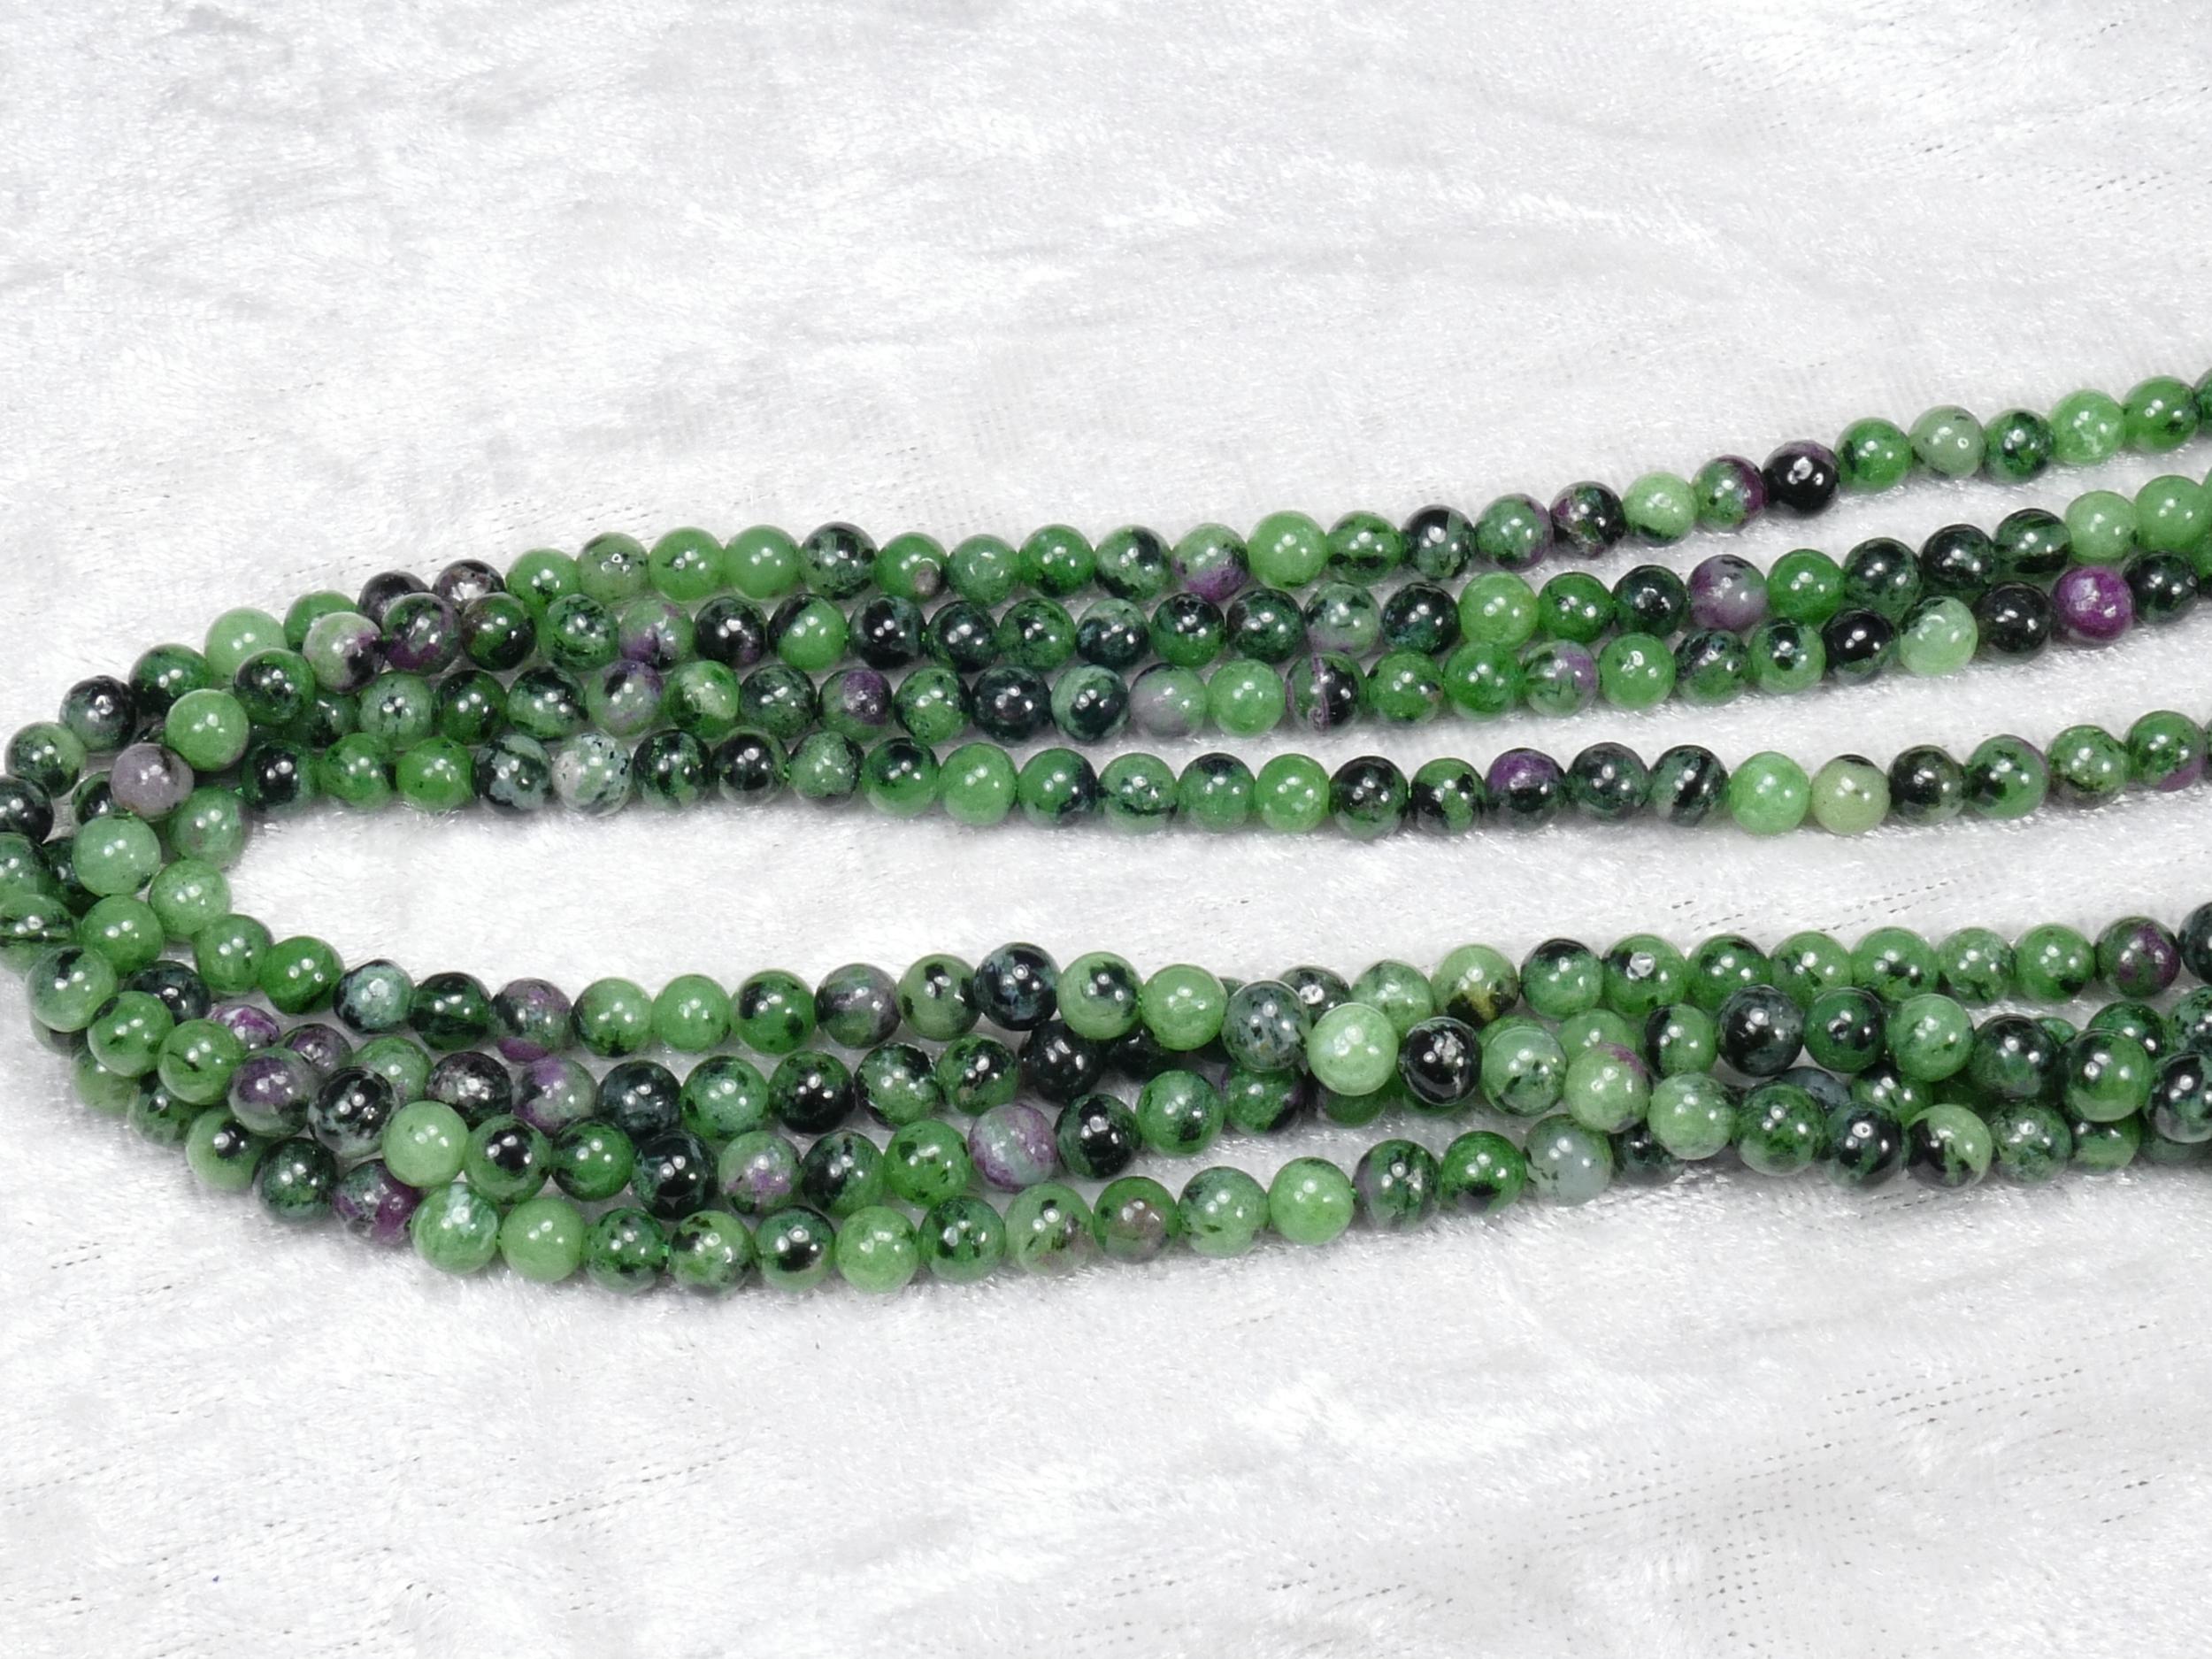 4.4/4.7mm Perles de Rubis-zoisite naturel en boule / rond lisse x39cm (15.3inch) (#AC818)